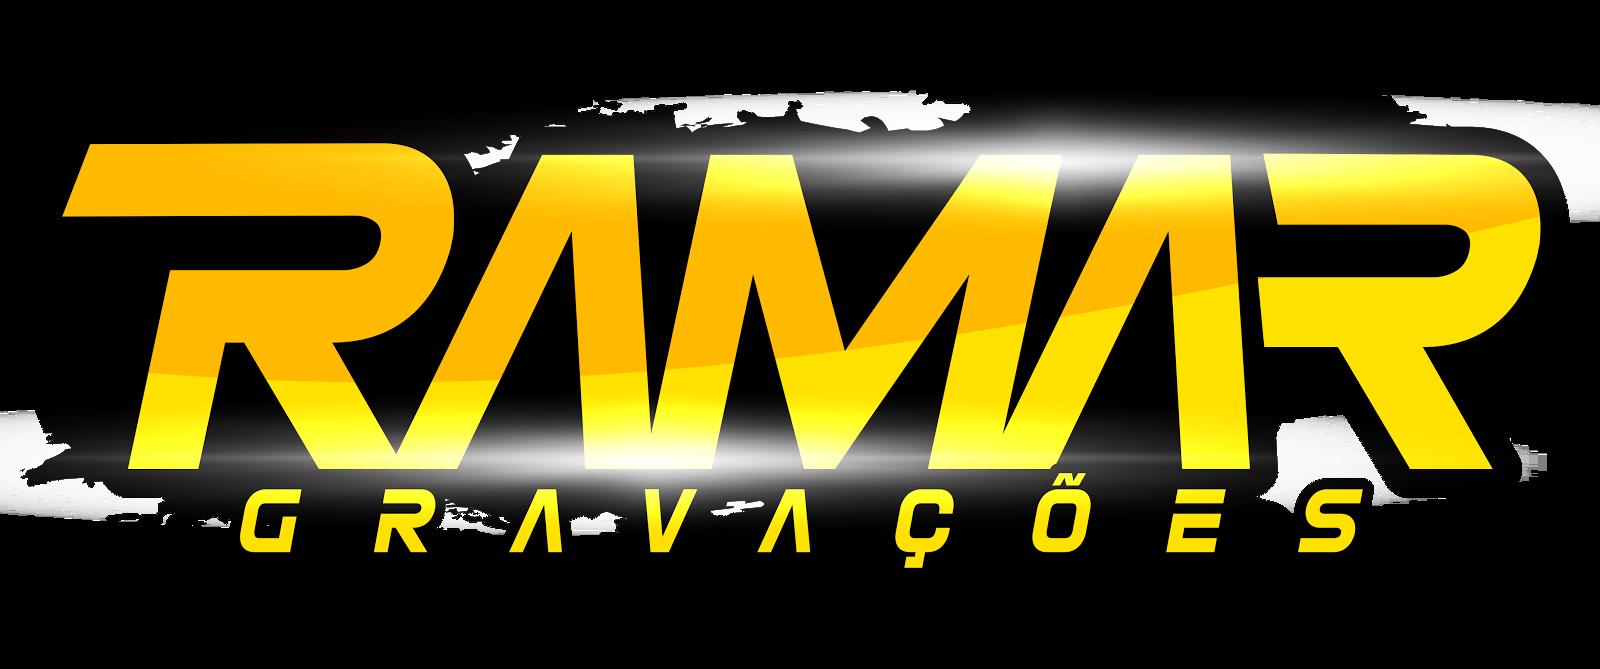 © Ramar Gravações | Design | Técnico Informática ™ - Os melhores Downloads e Serviços